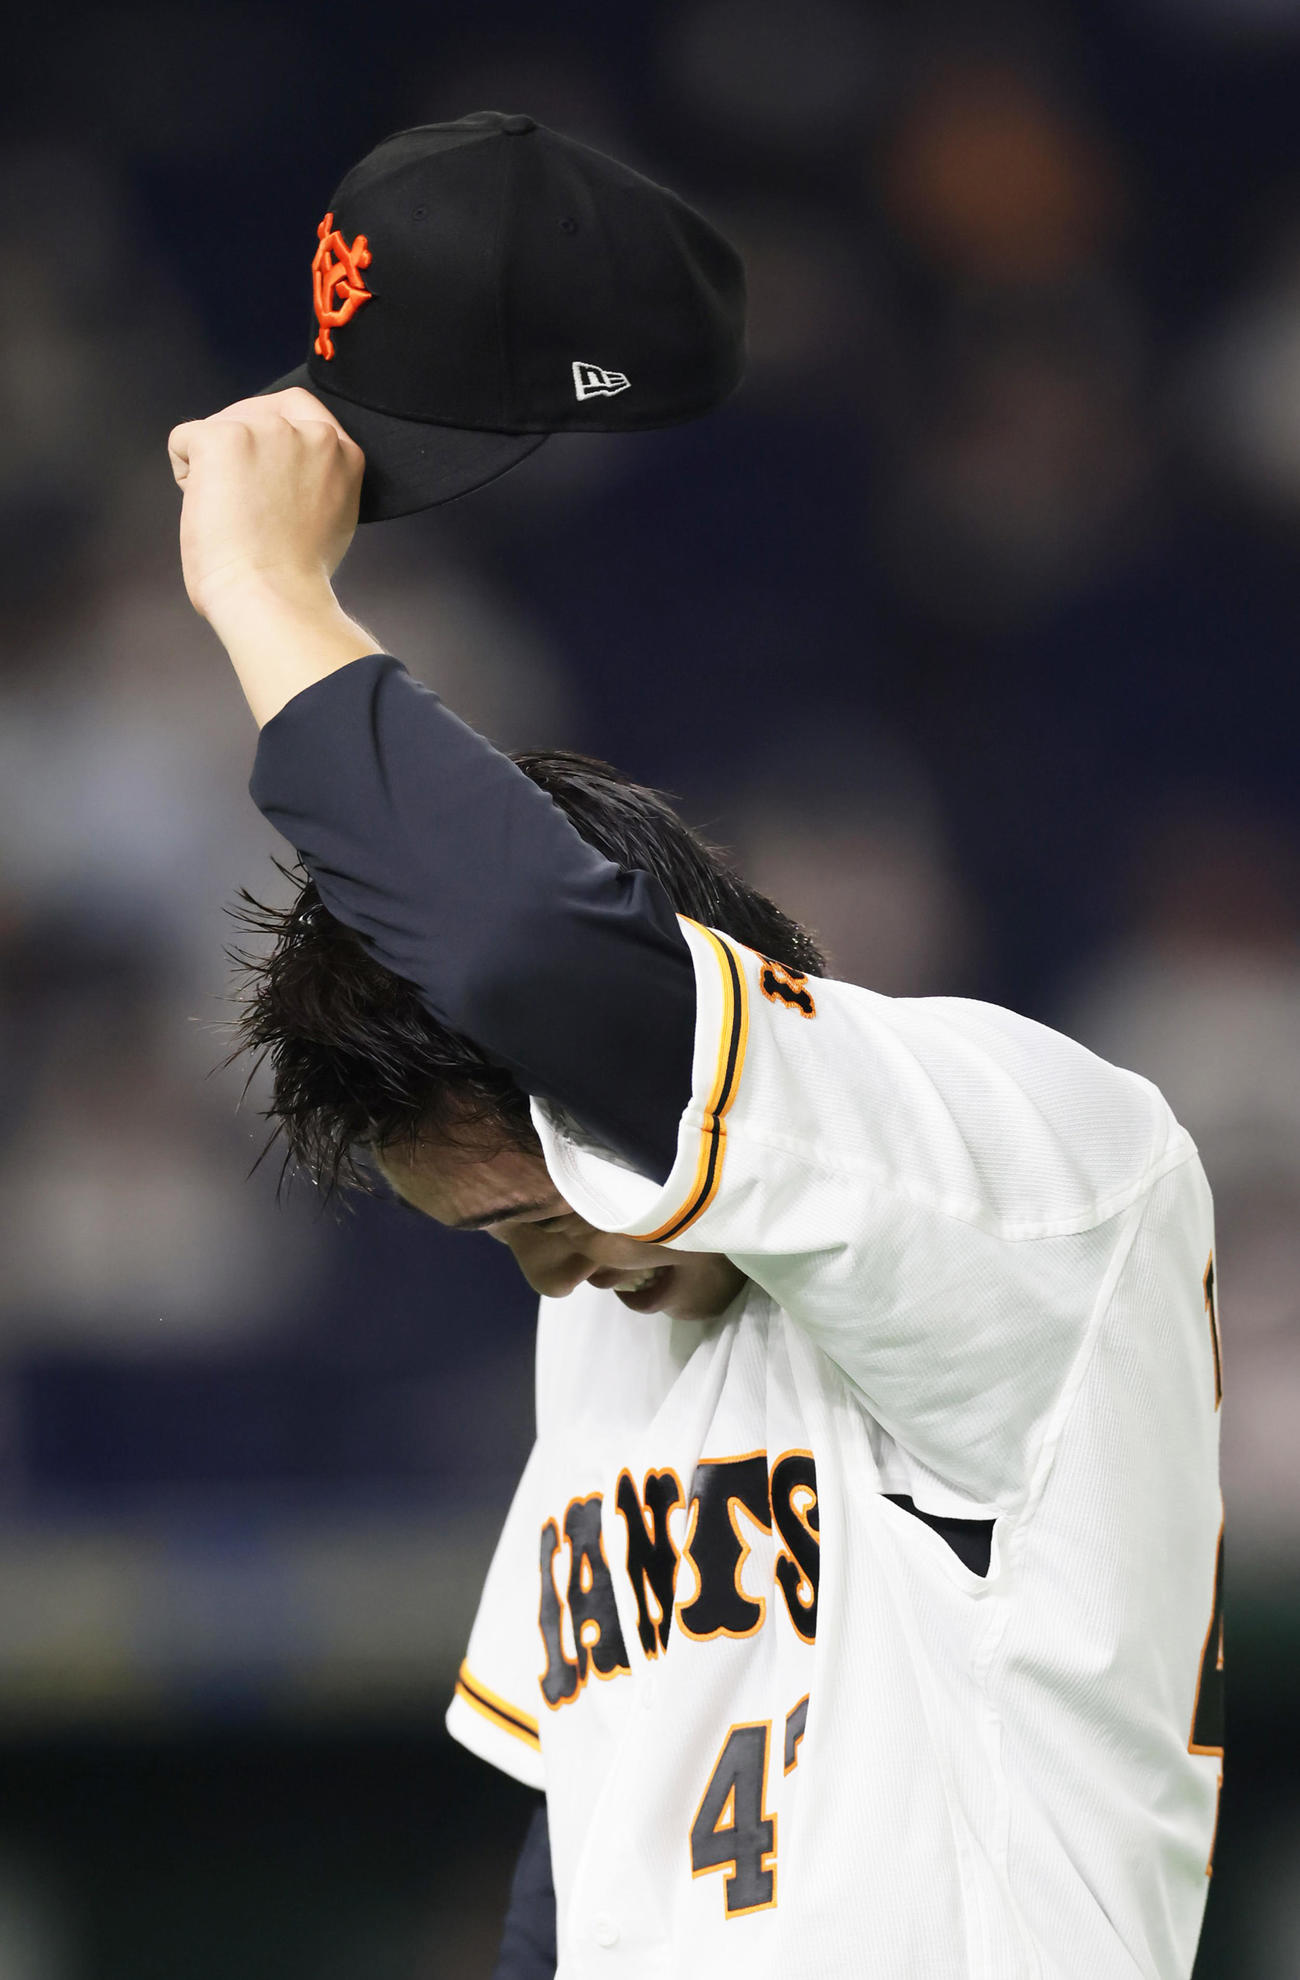 巨人対ヤクルト 4回3失点の巨人高橋(撮影・足立雅史)